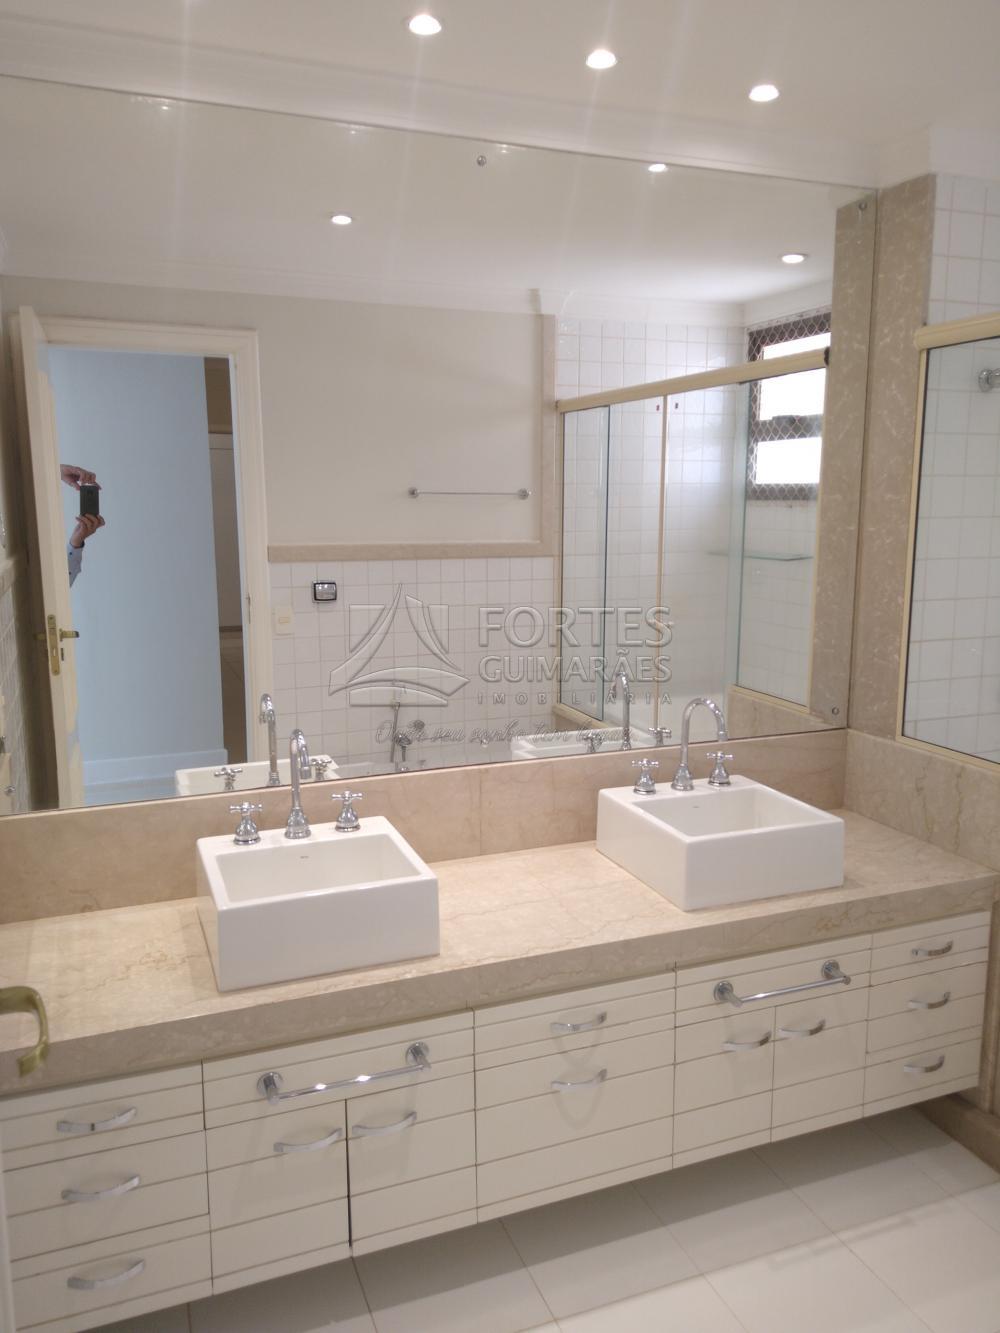 Alugar Apartamentos / Padrão em Ribeirão Preto apenas R$ 3.000,00 - Foto 46